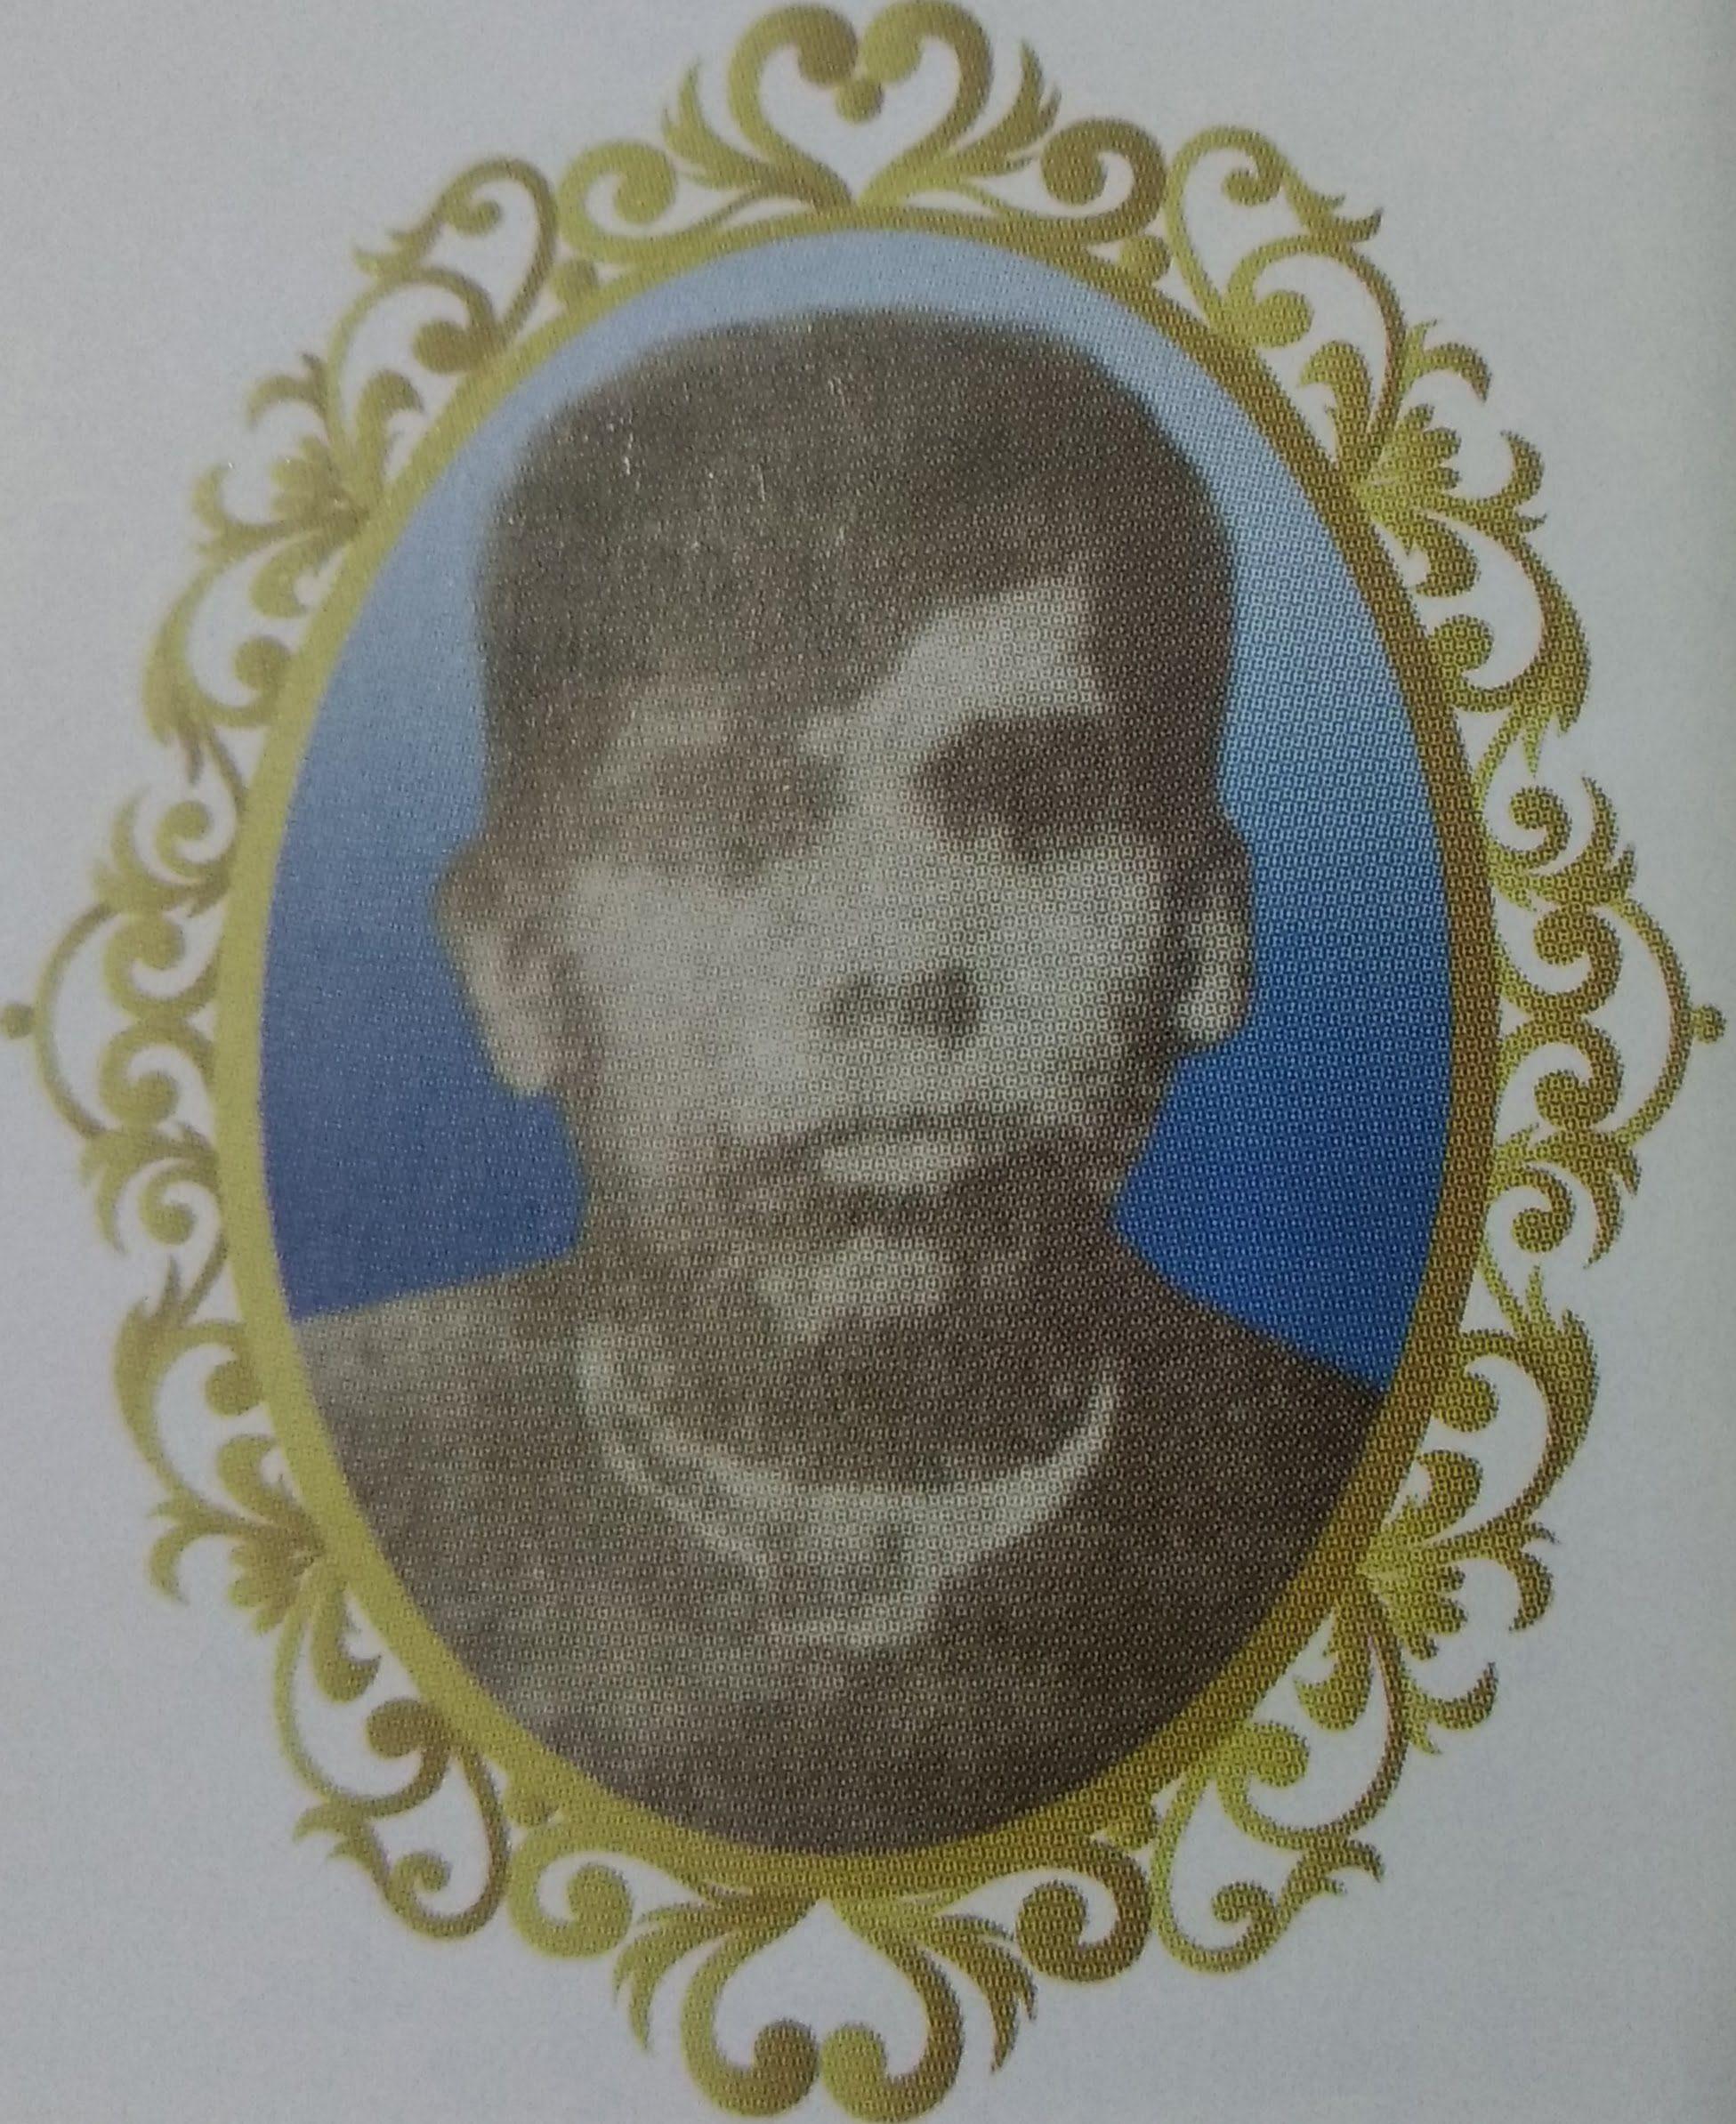 Fr. Joseph Chakkalaparambil